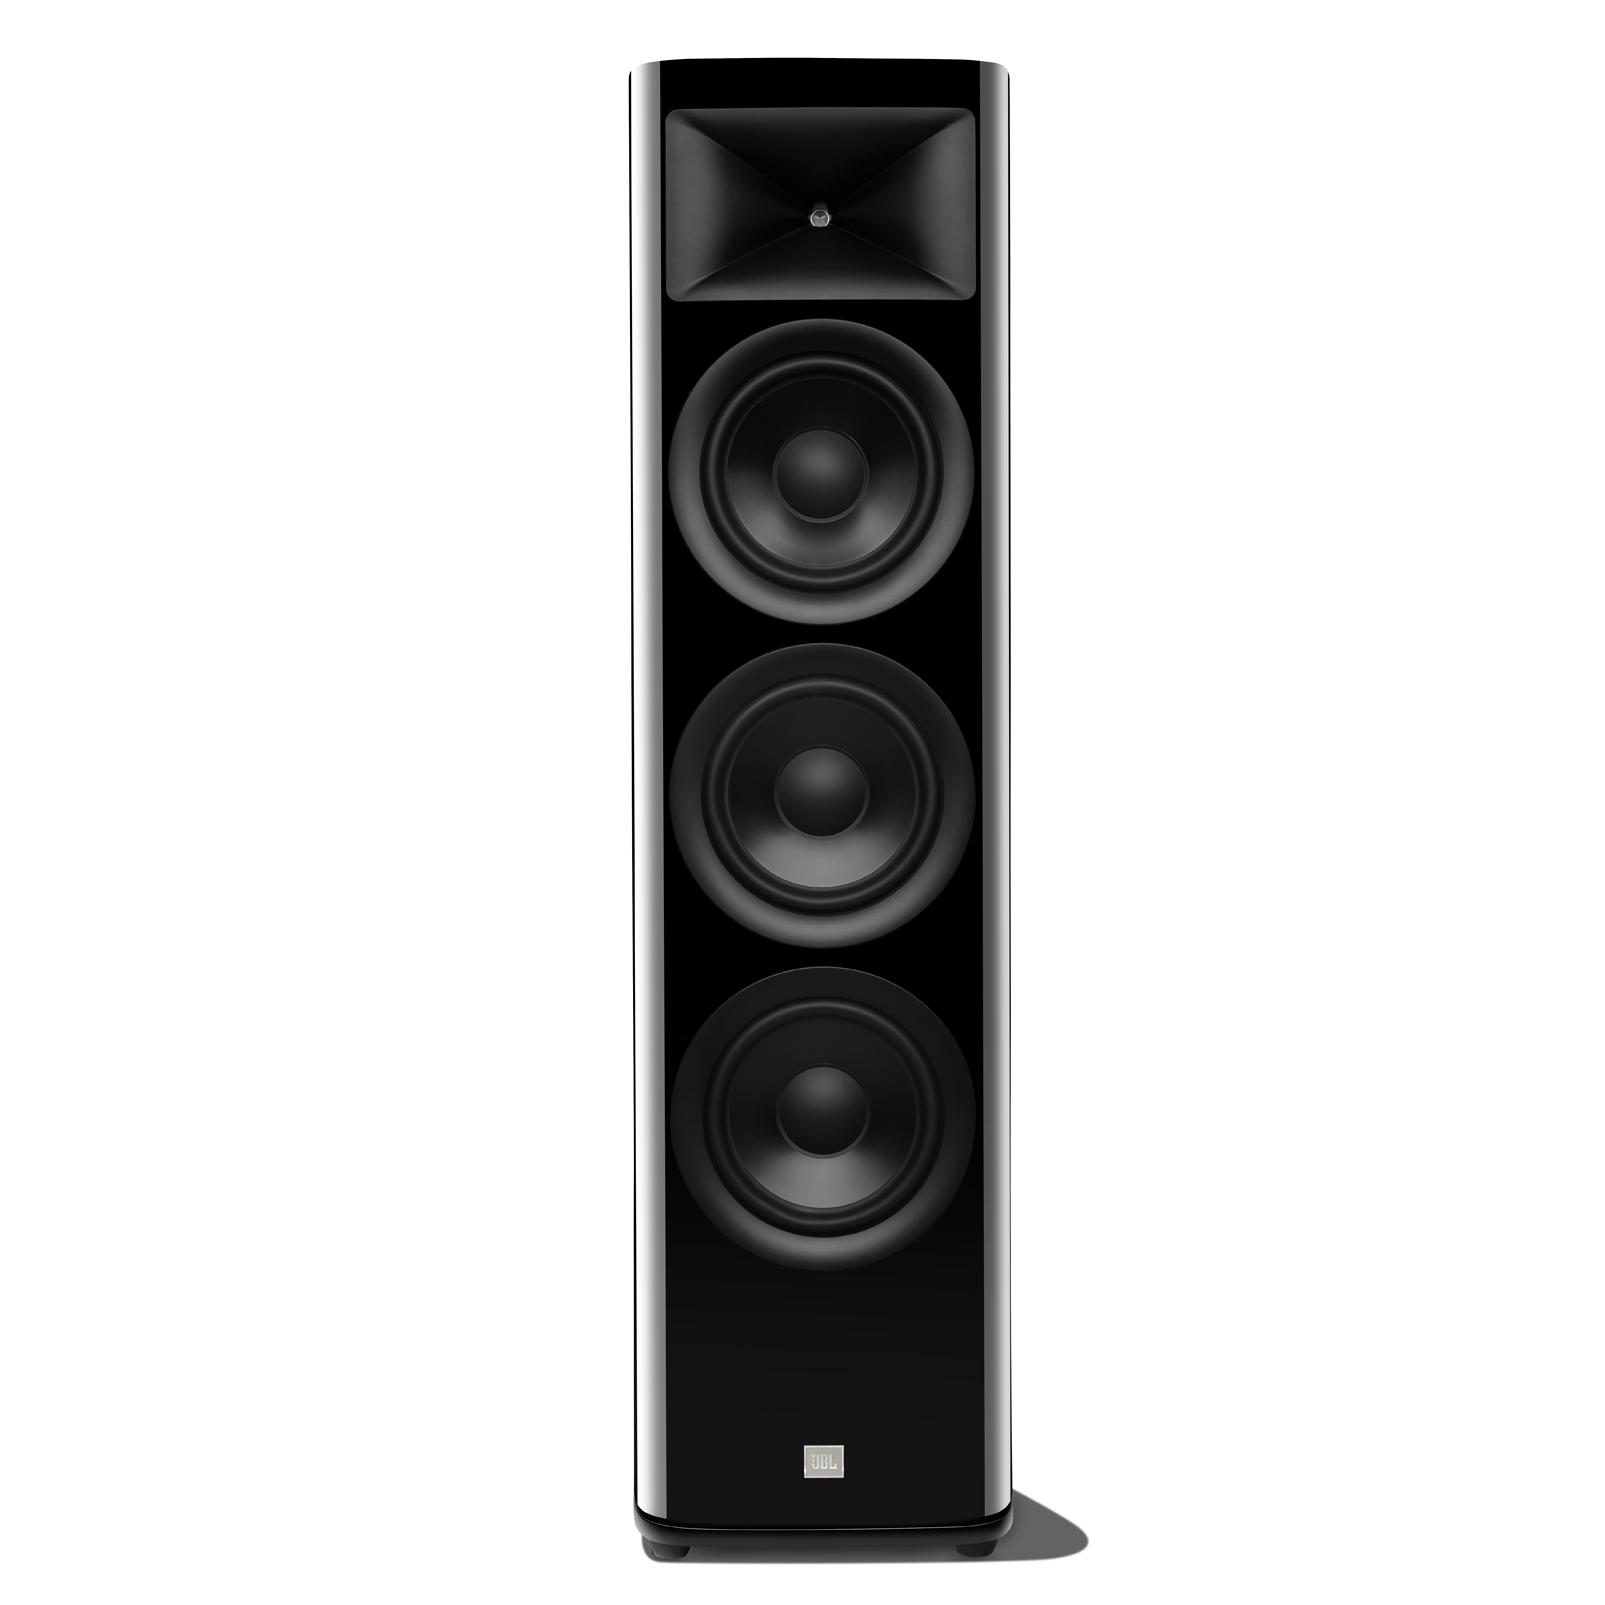 HDI-3800 - Black Gloss - 2 ½-way Triple 8-inch (200mm) Floorstanding Loudspeaker - Hero